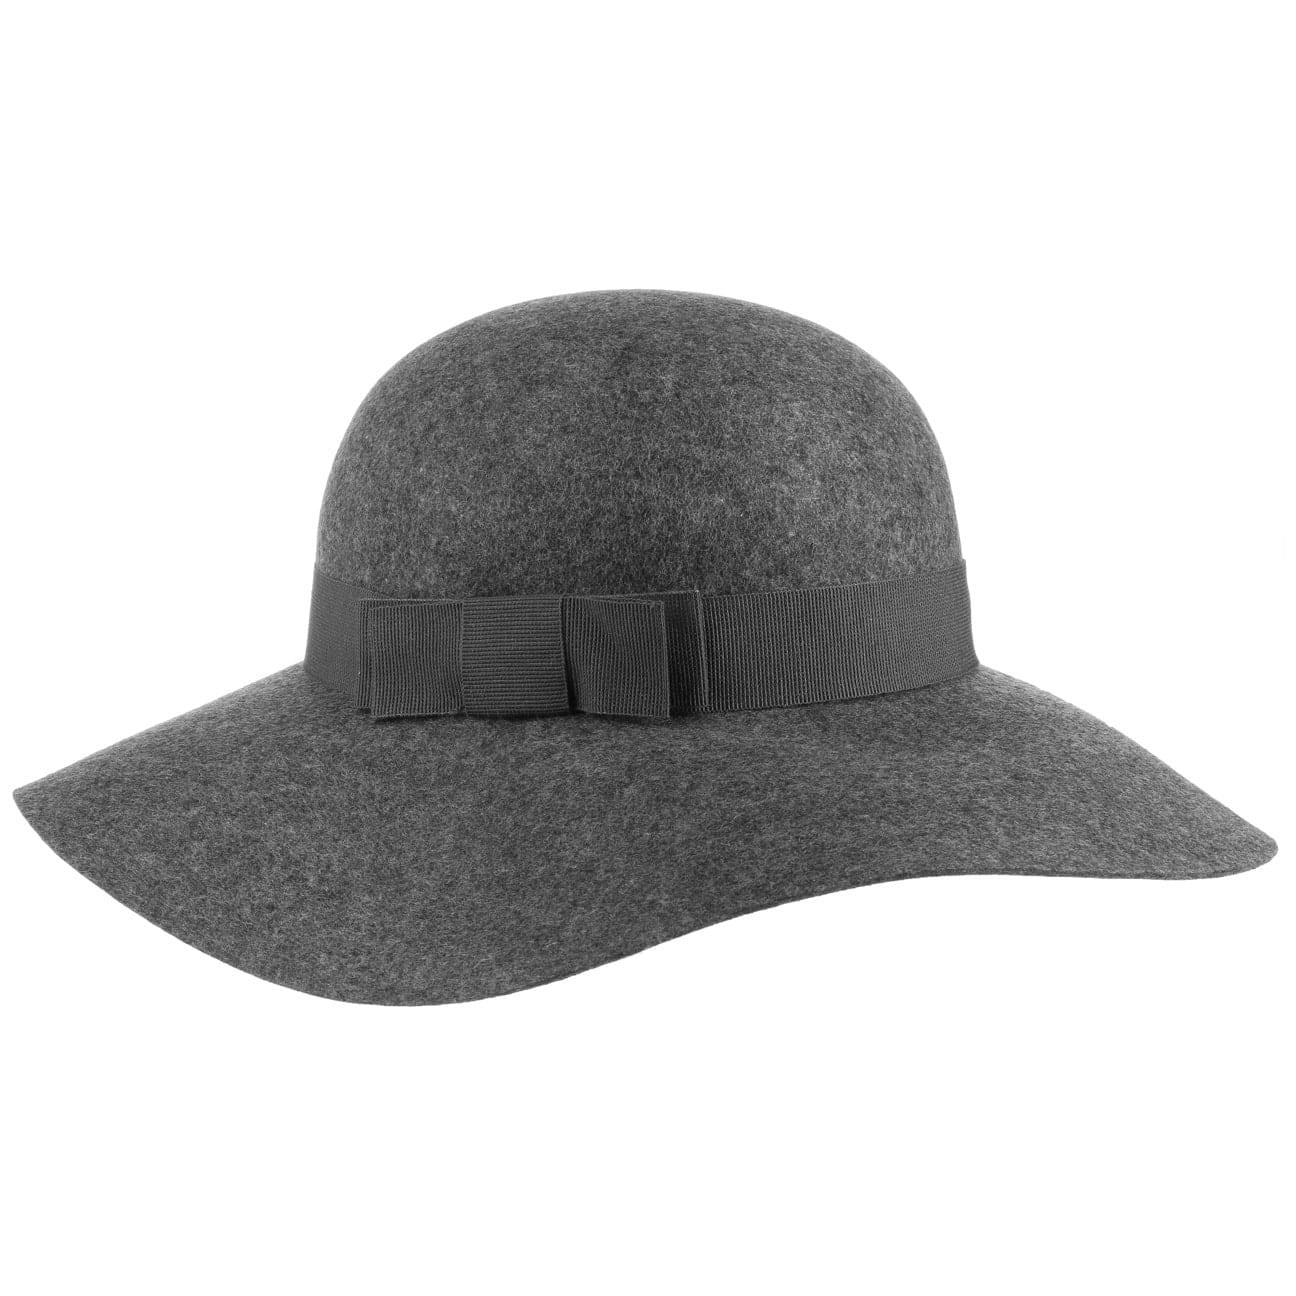 Capeline pour Femme Uni by Lipodo  chapeau pour femme